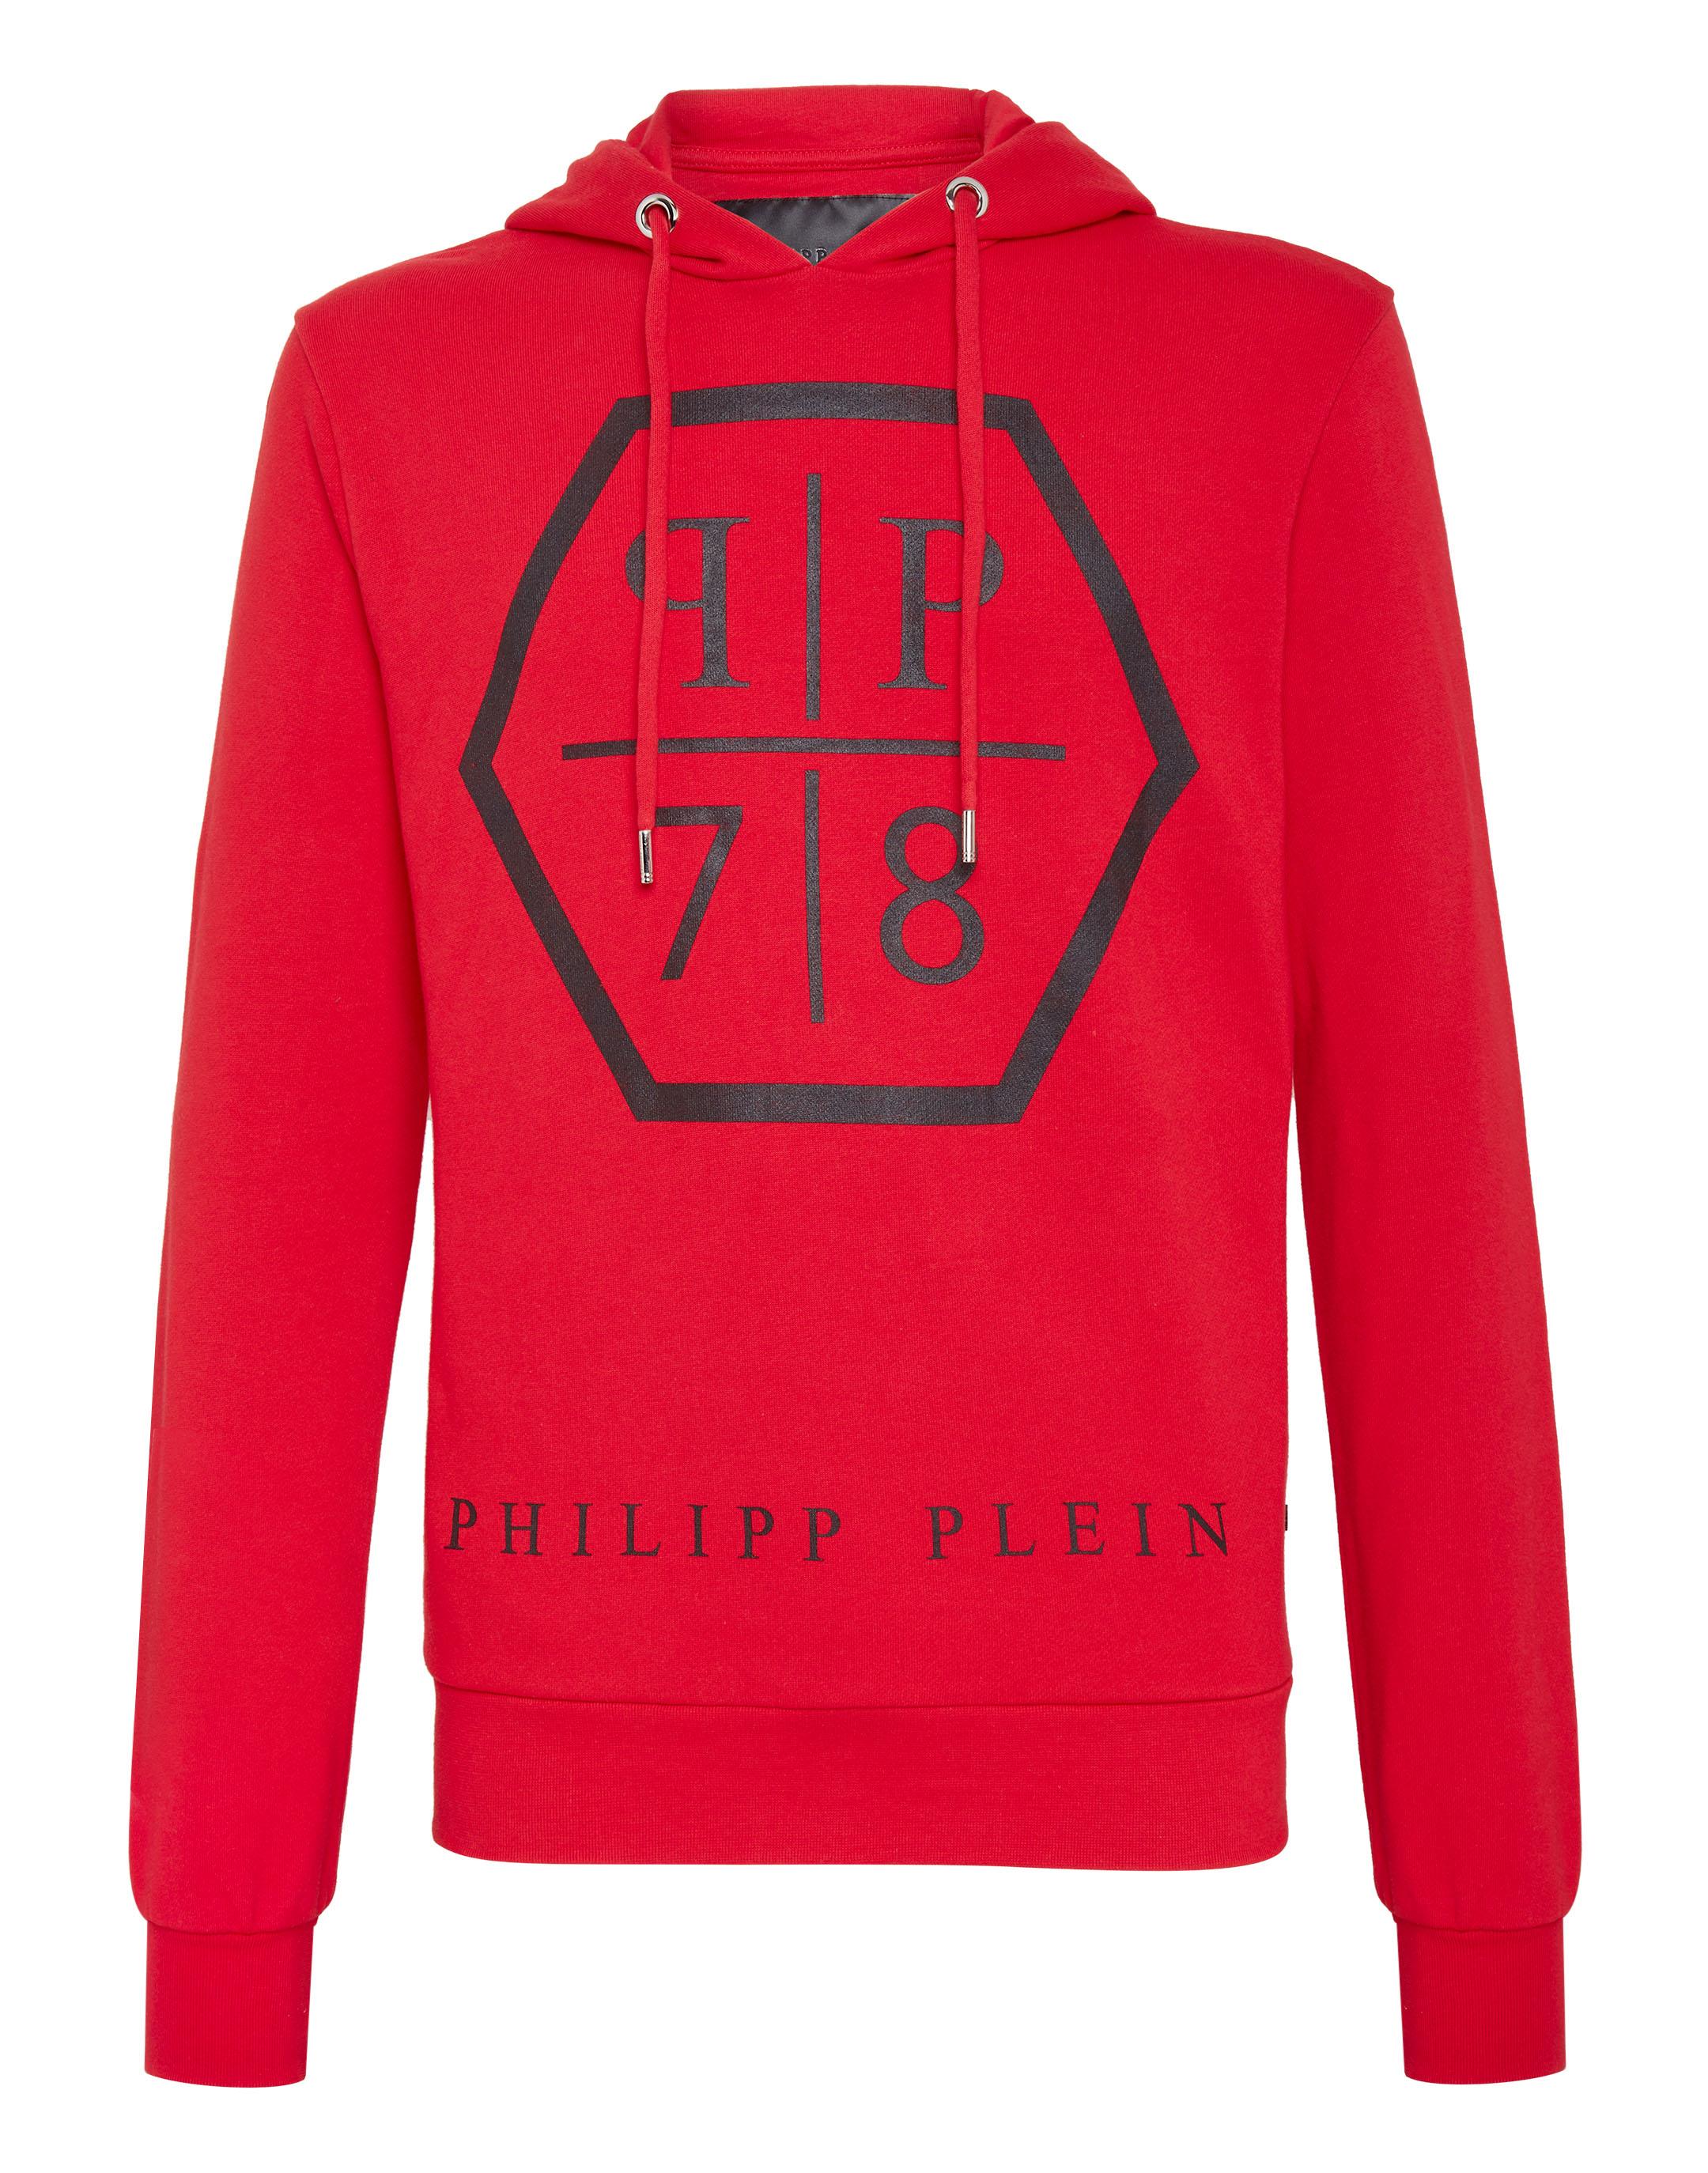 aab01460a Hoodie sweatshirt PP | Philipp Plein Outlet